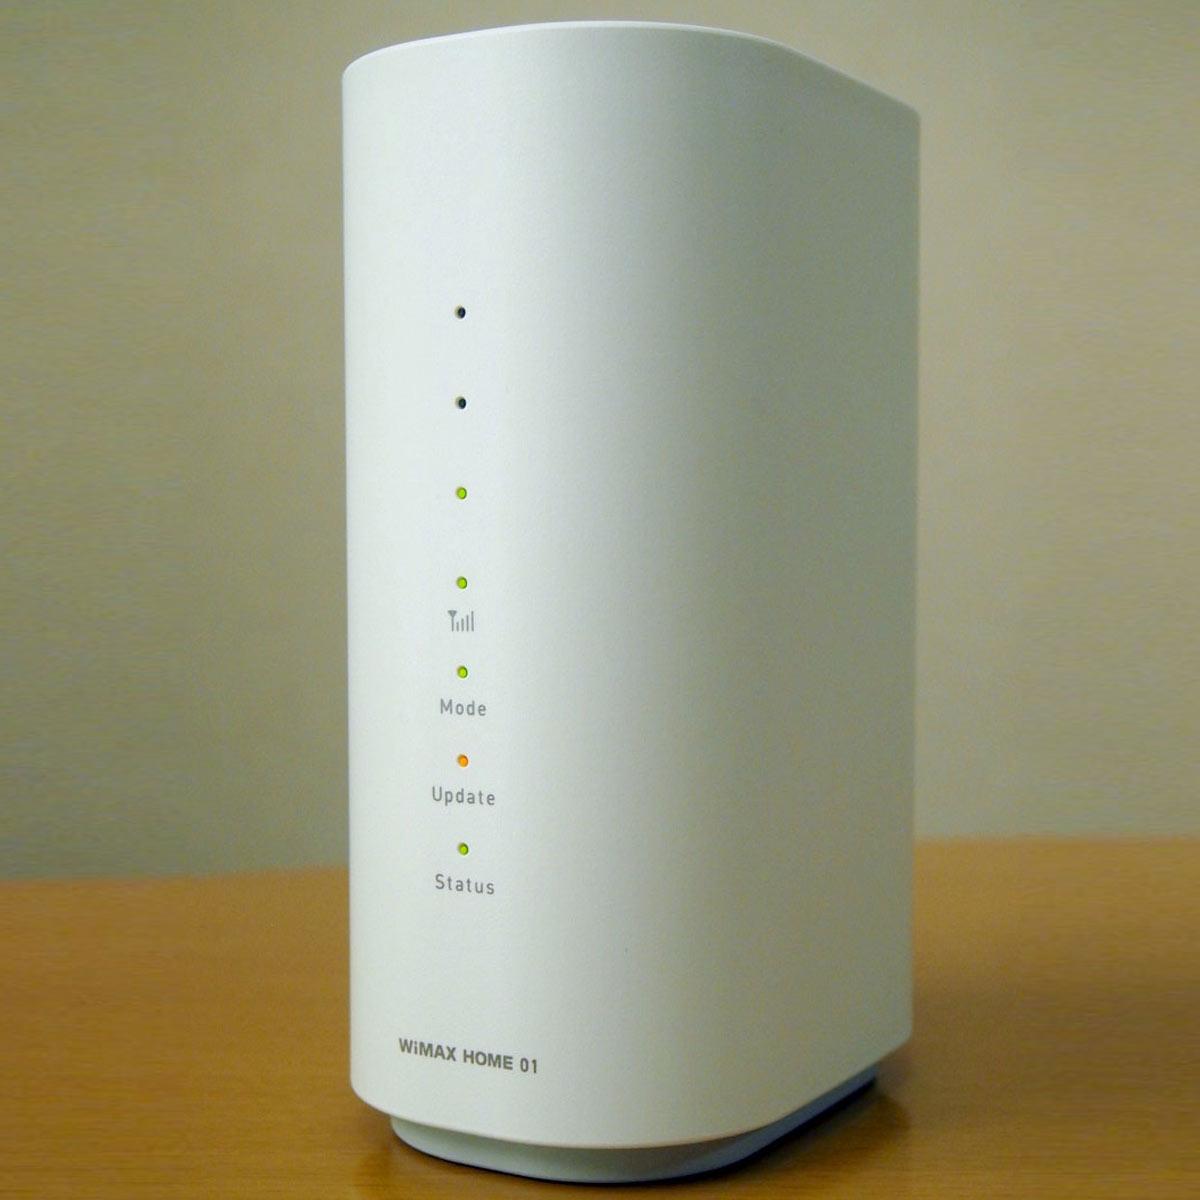 電源さえあればすぐに使える!「WiMAX HOME 01」を試してみた